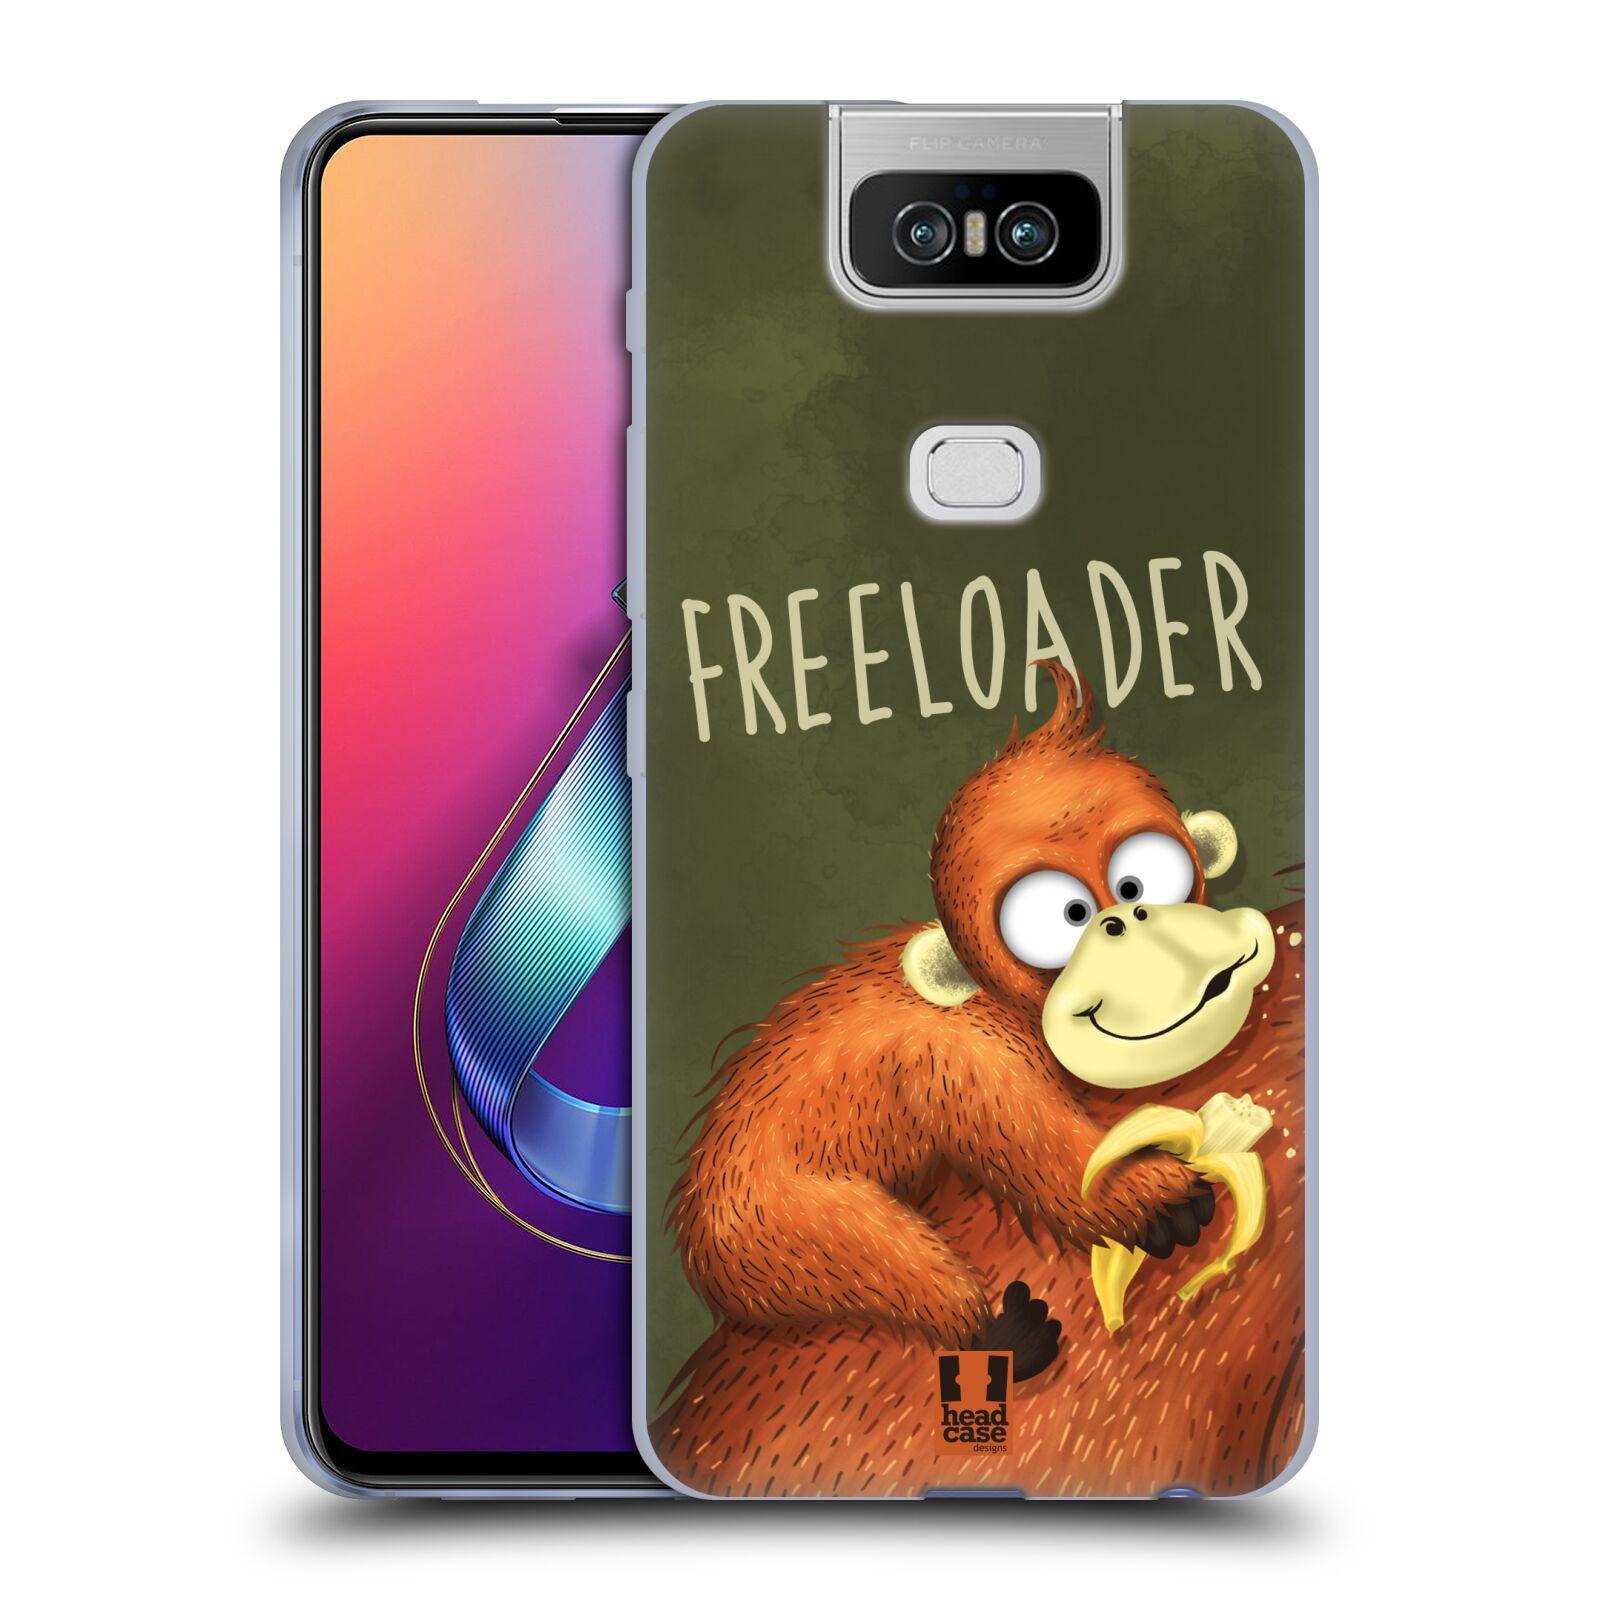 Silikonové pouzdro na mobil Asus Zenfone 6 ZS630KL - Head Case - Opičák Freeloader